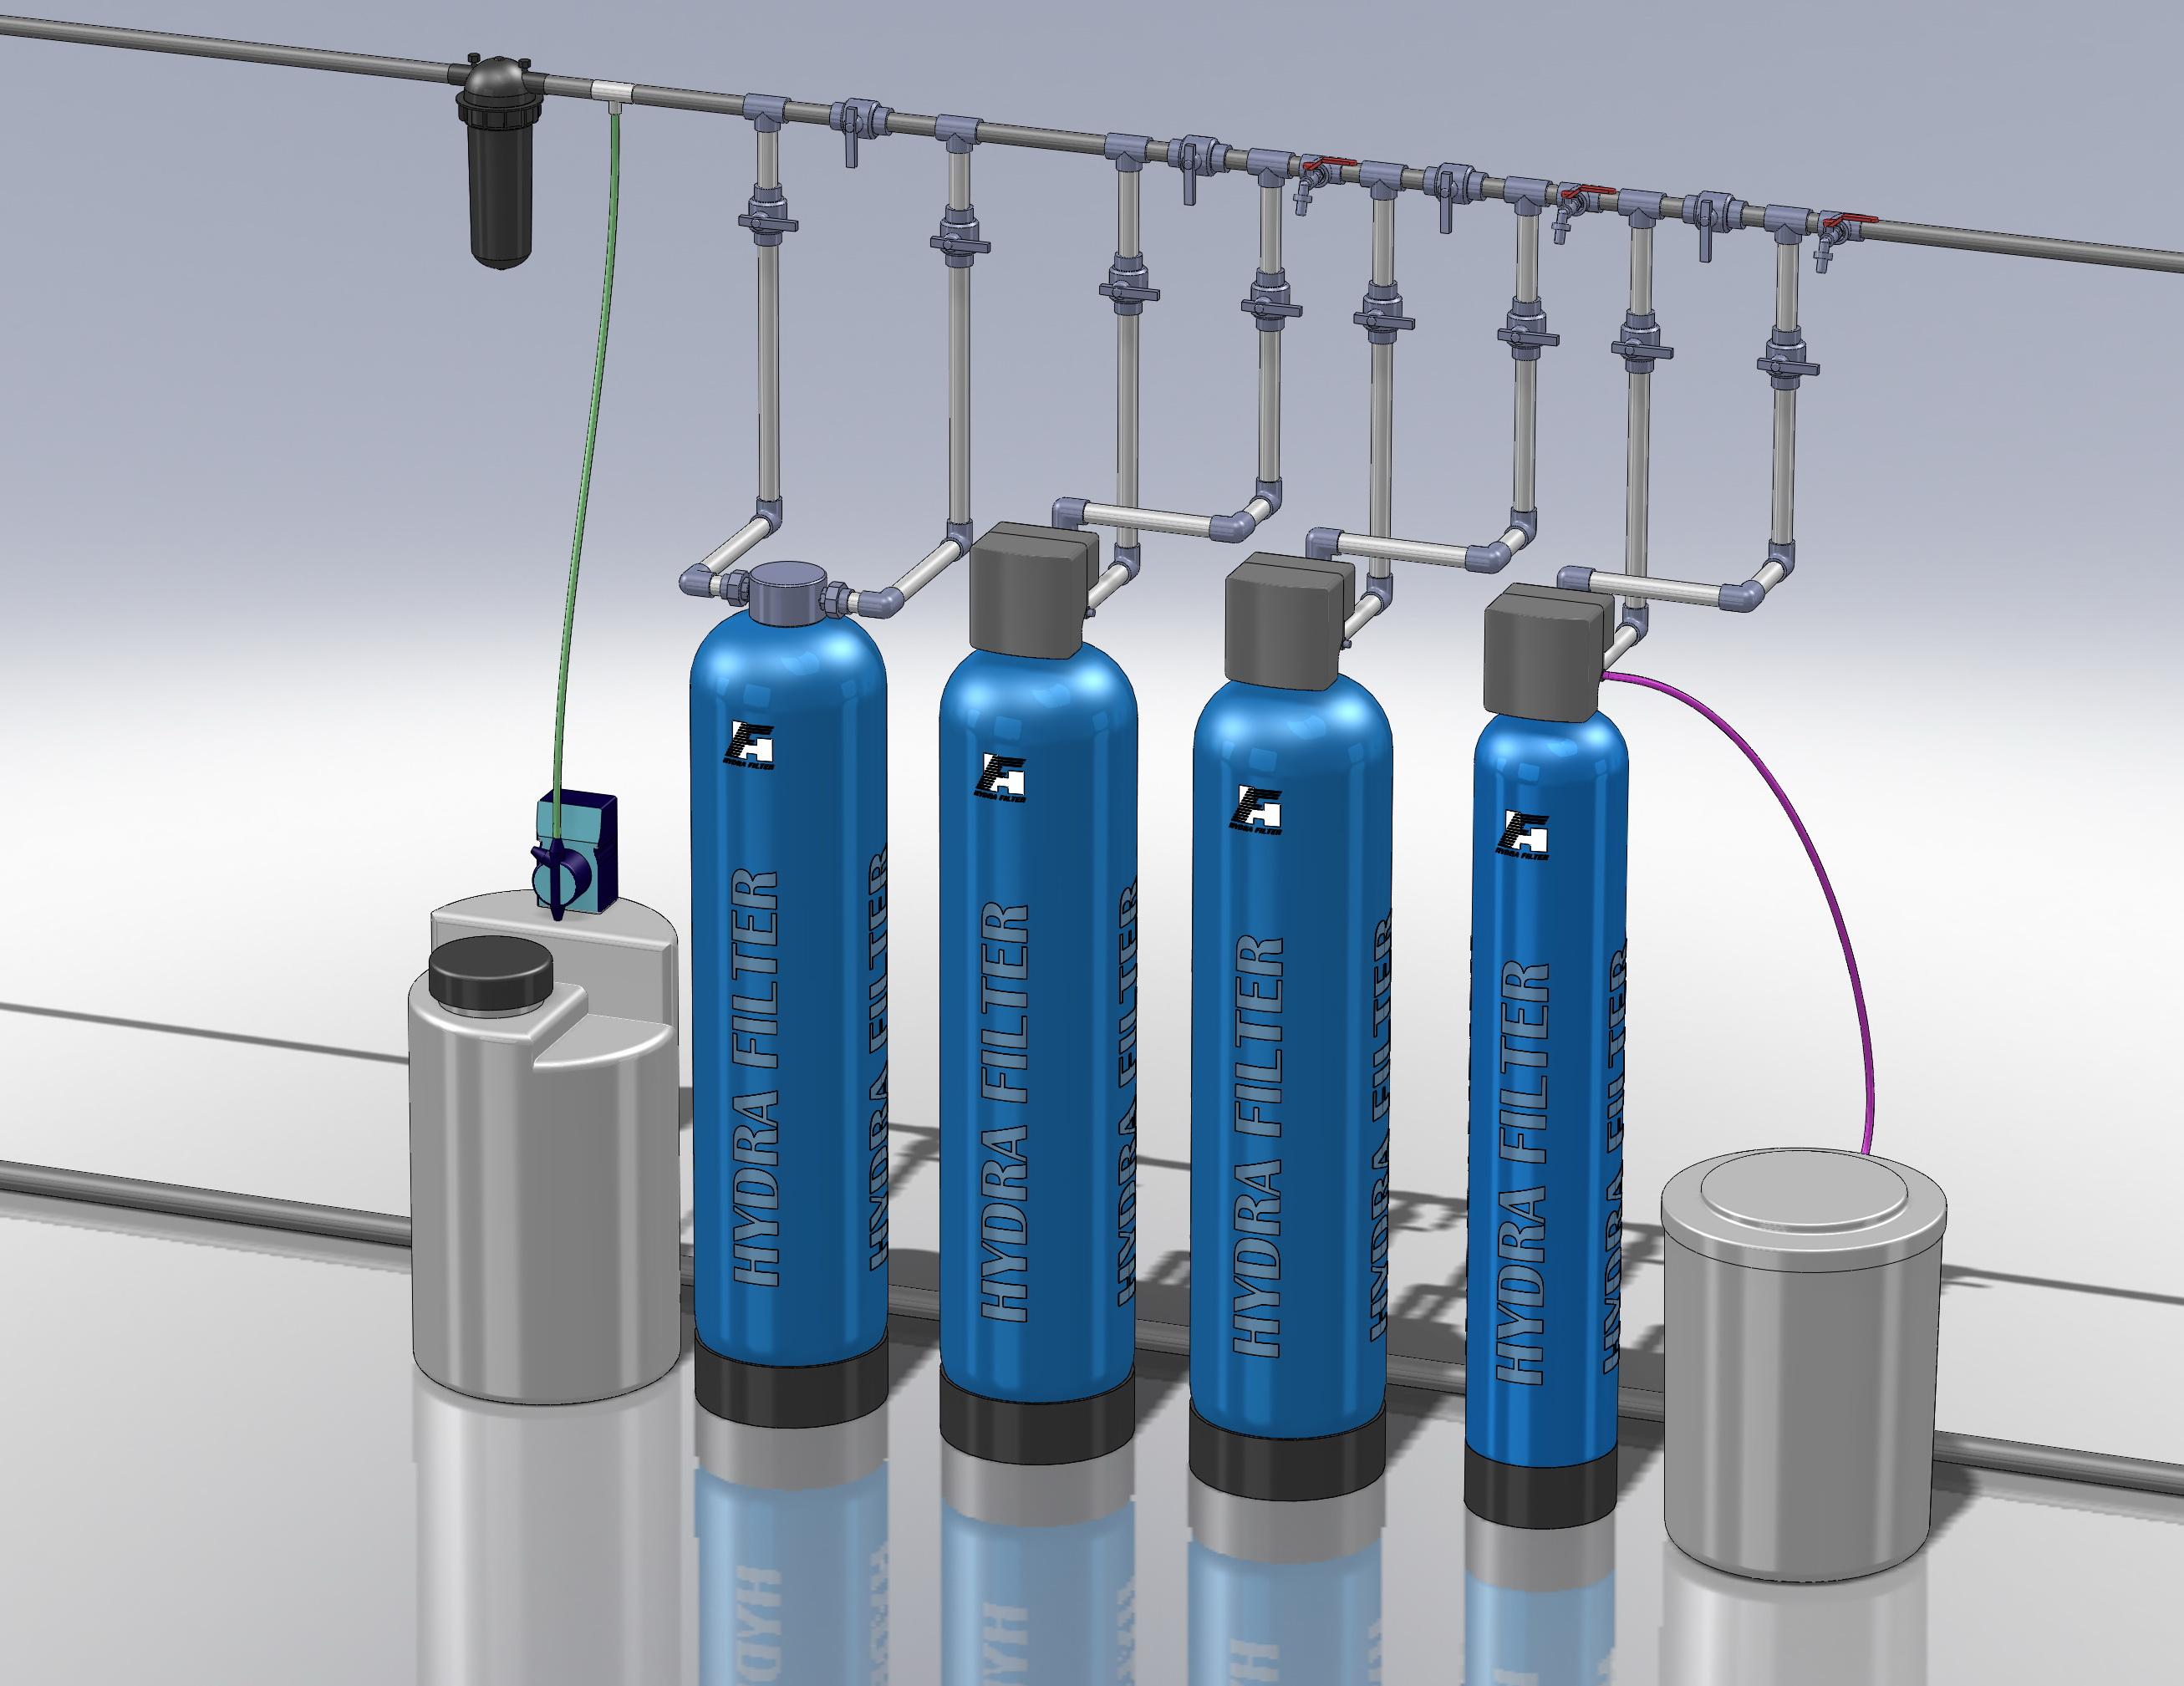 Водоподготовка для коттеджа #3. 1200 л/час (2-3 одновременно открытых крана) Растворенное железо до 6-7 мг/л, жесткость до 10